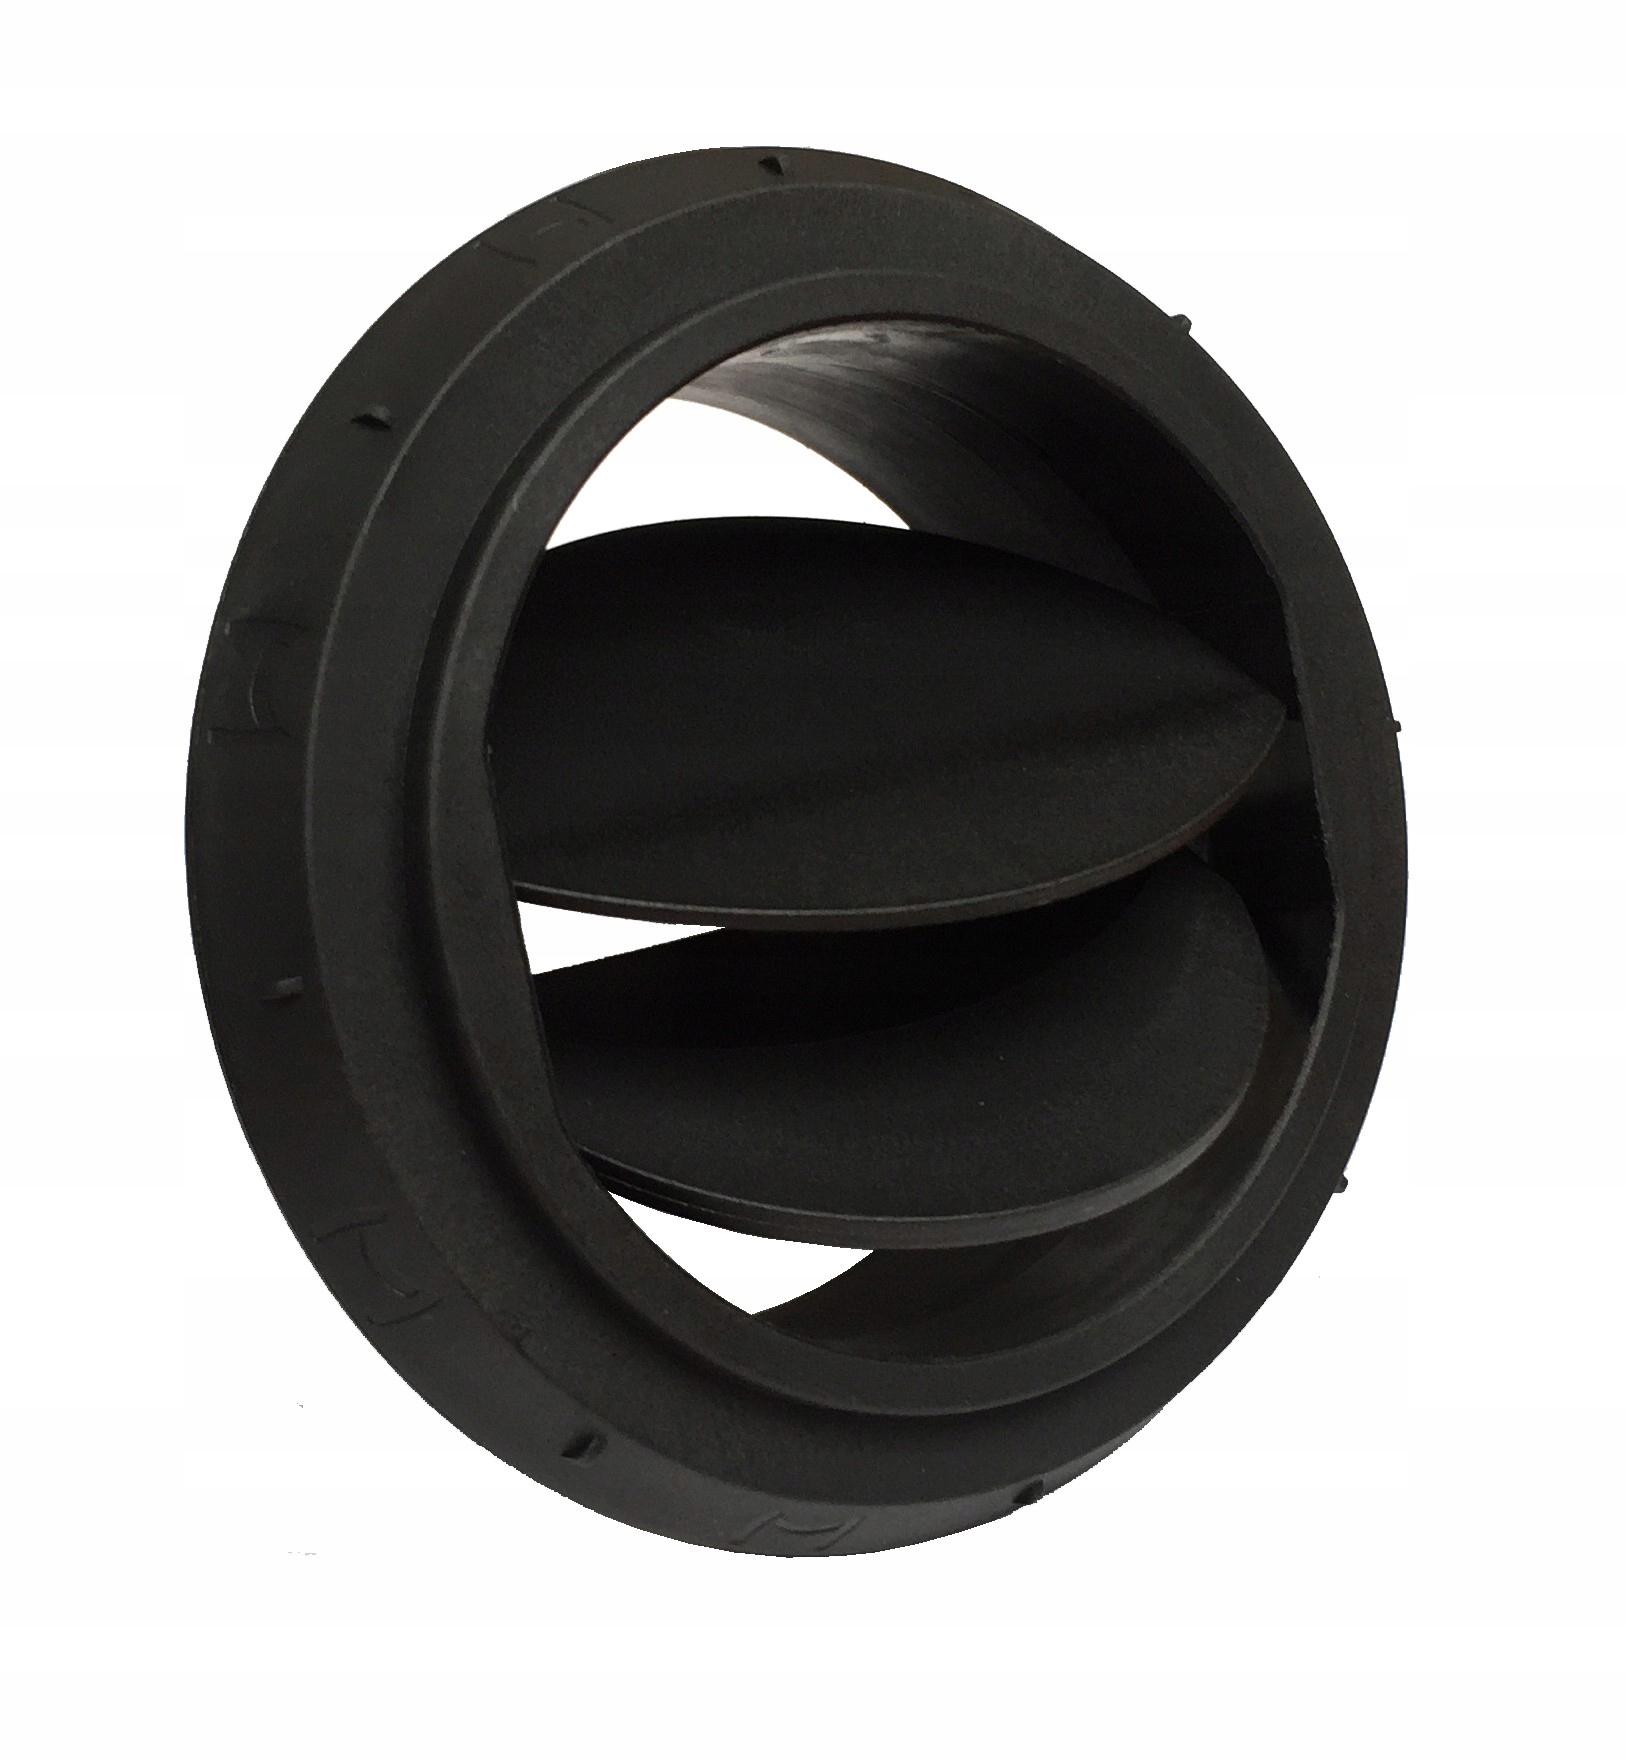 выход воздуха d-90mm закрывается черный - webasto